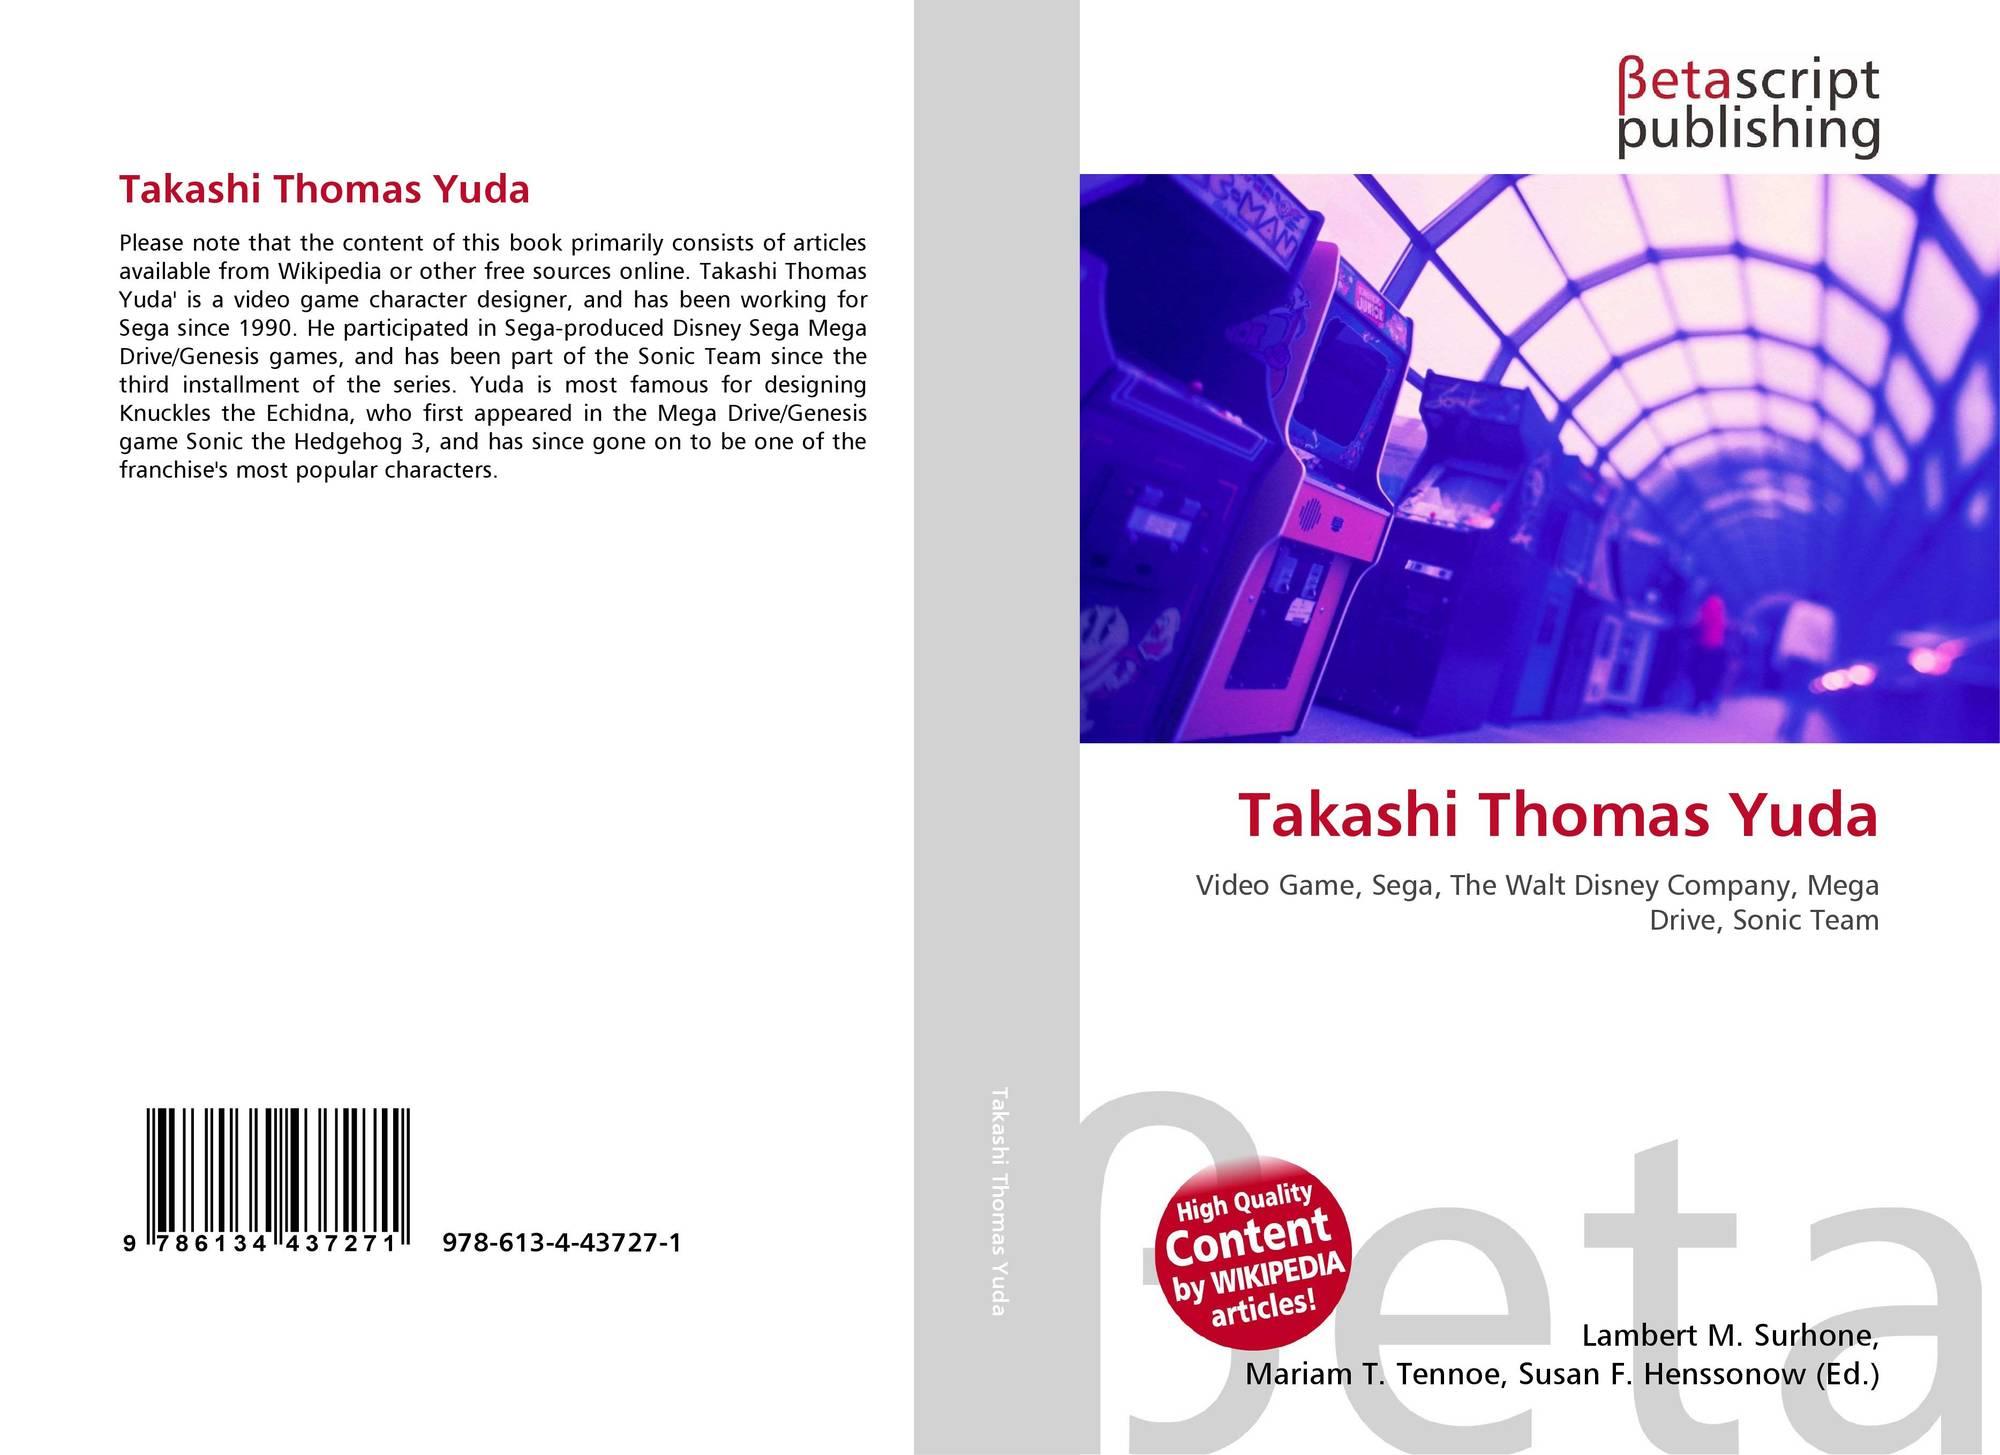 Takashi Thomas Yuda 978 613 4 43727 1 6134437271 9786134437271